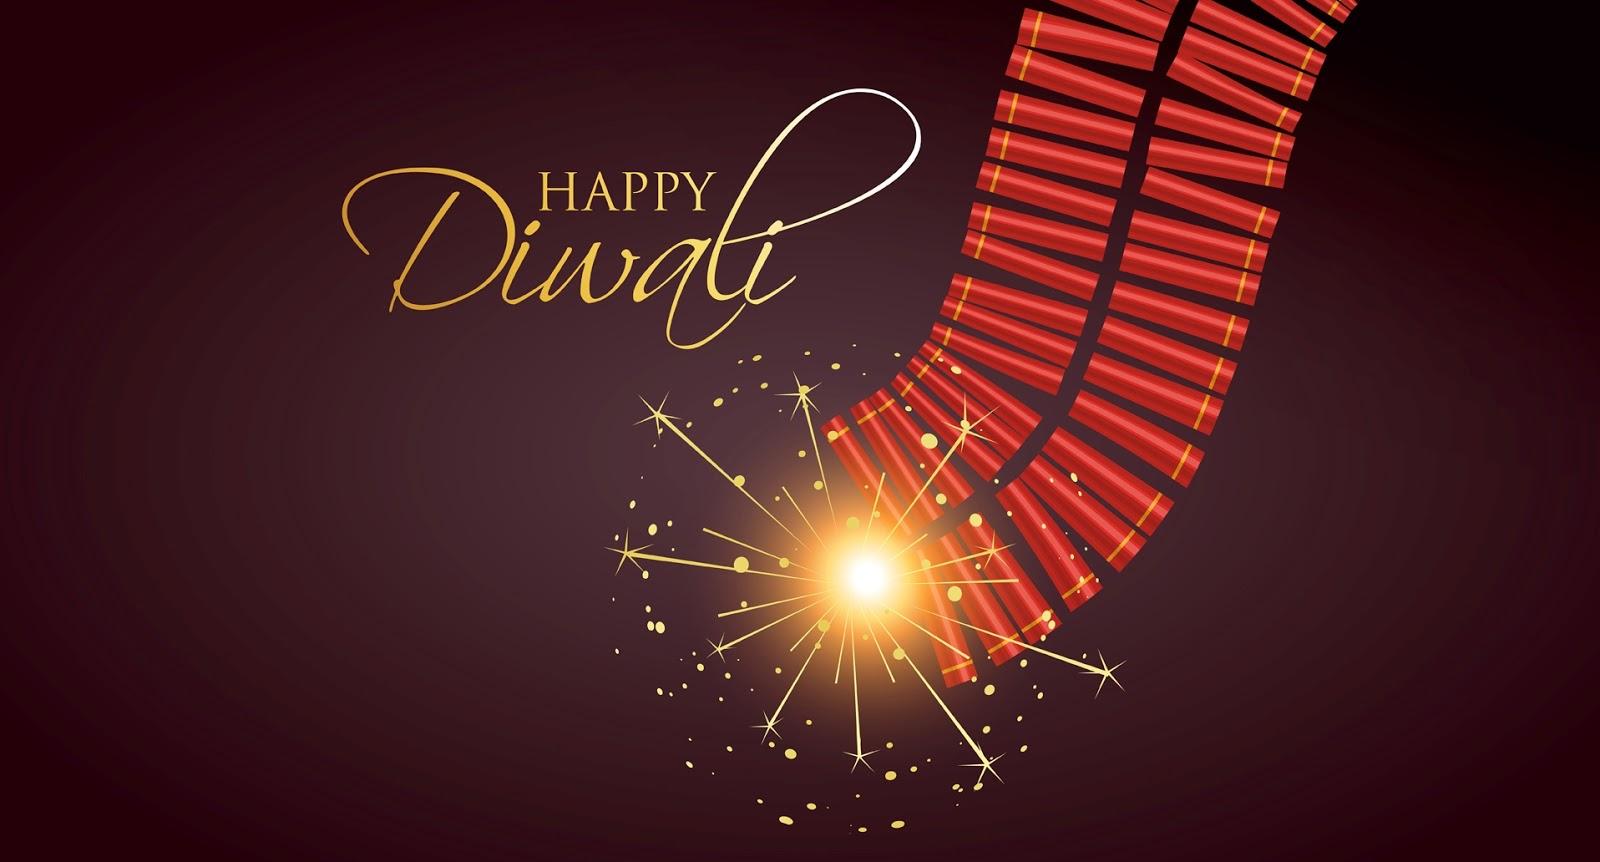 happy new year essay india